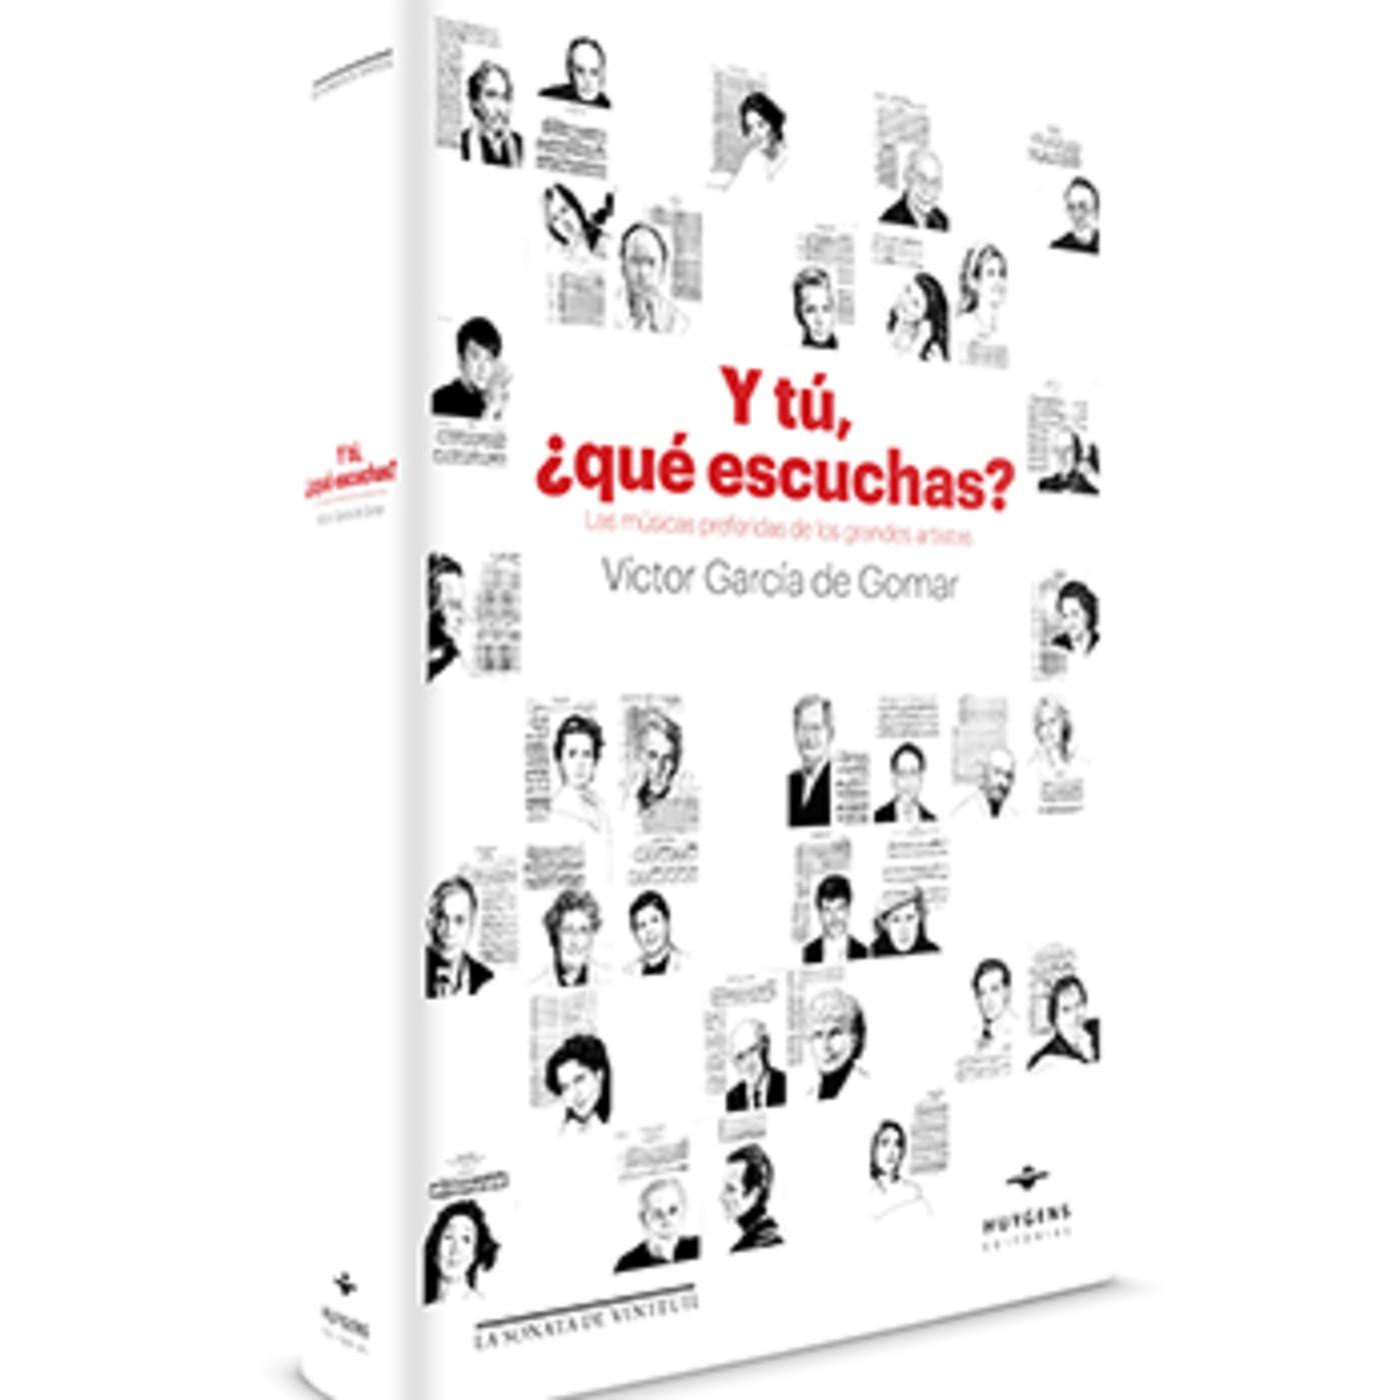 Víctor García de Gomar parla del llibre 'Y tu, ¿qué escuchas?'